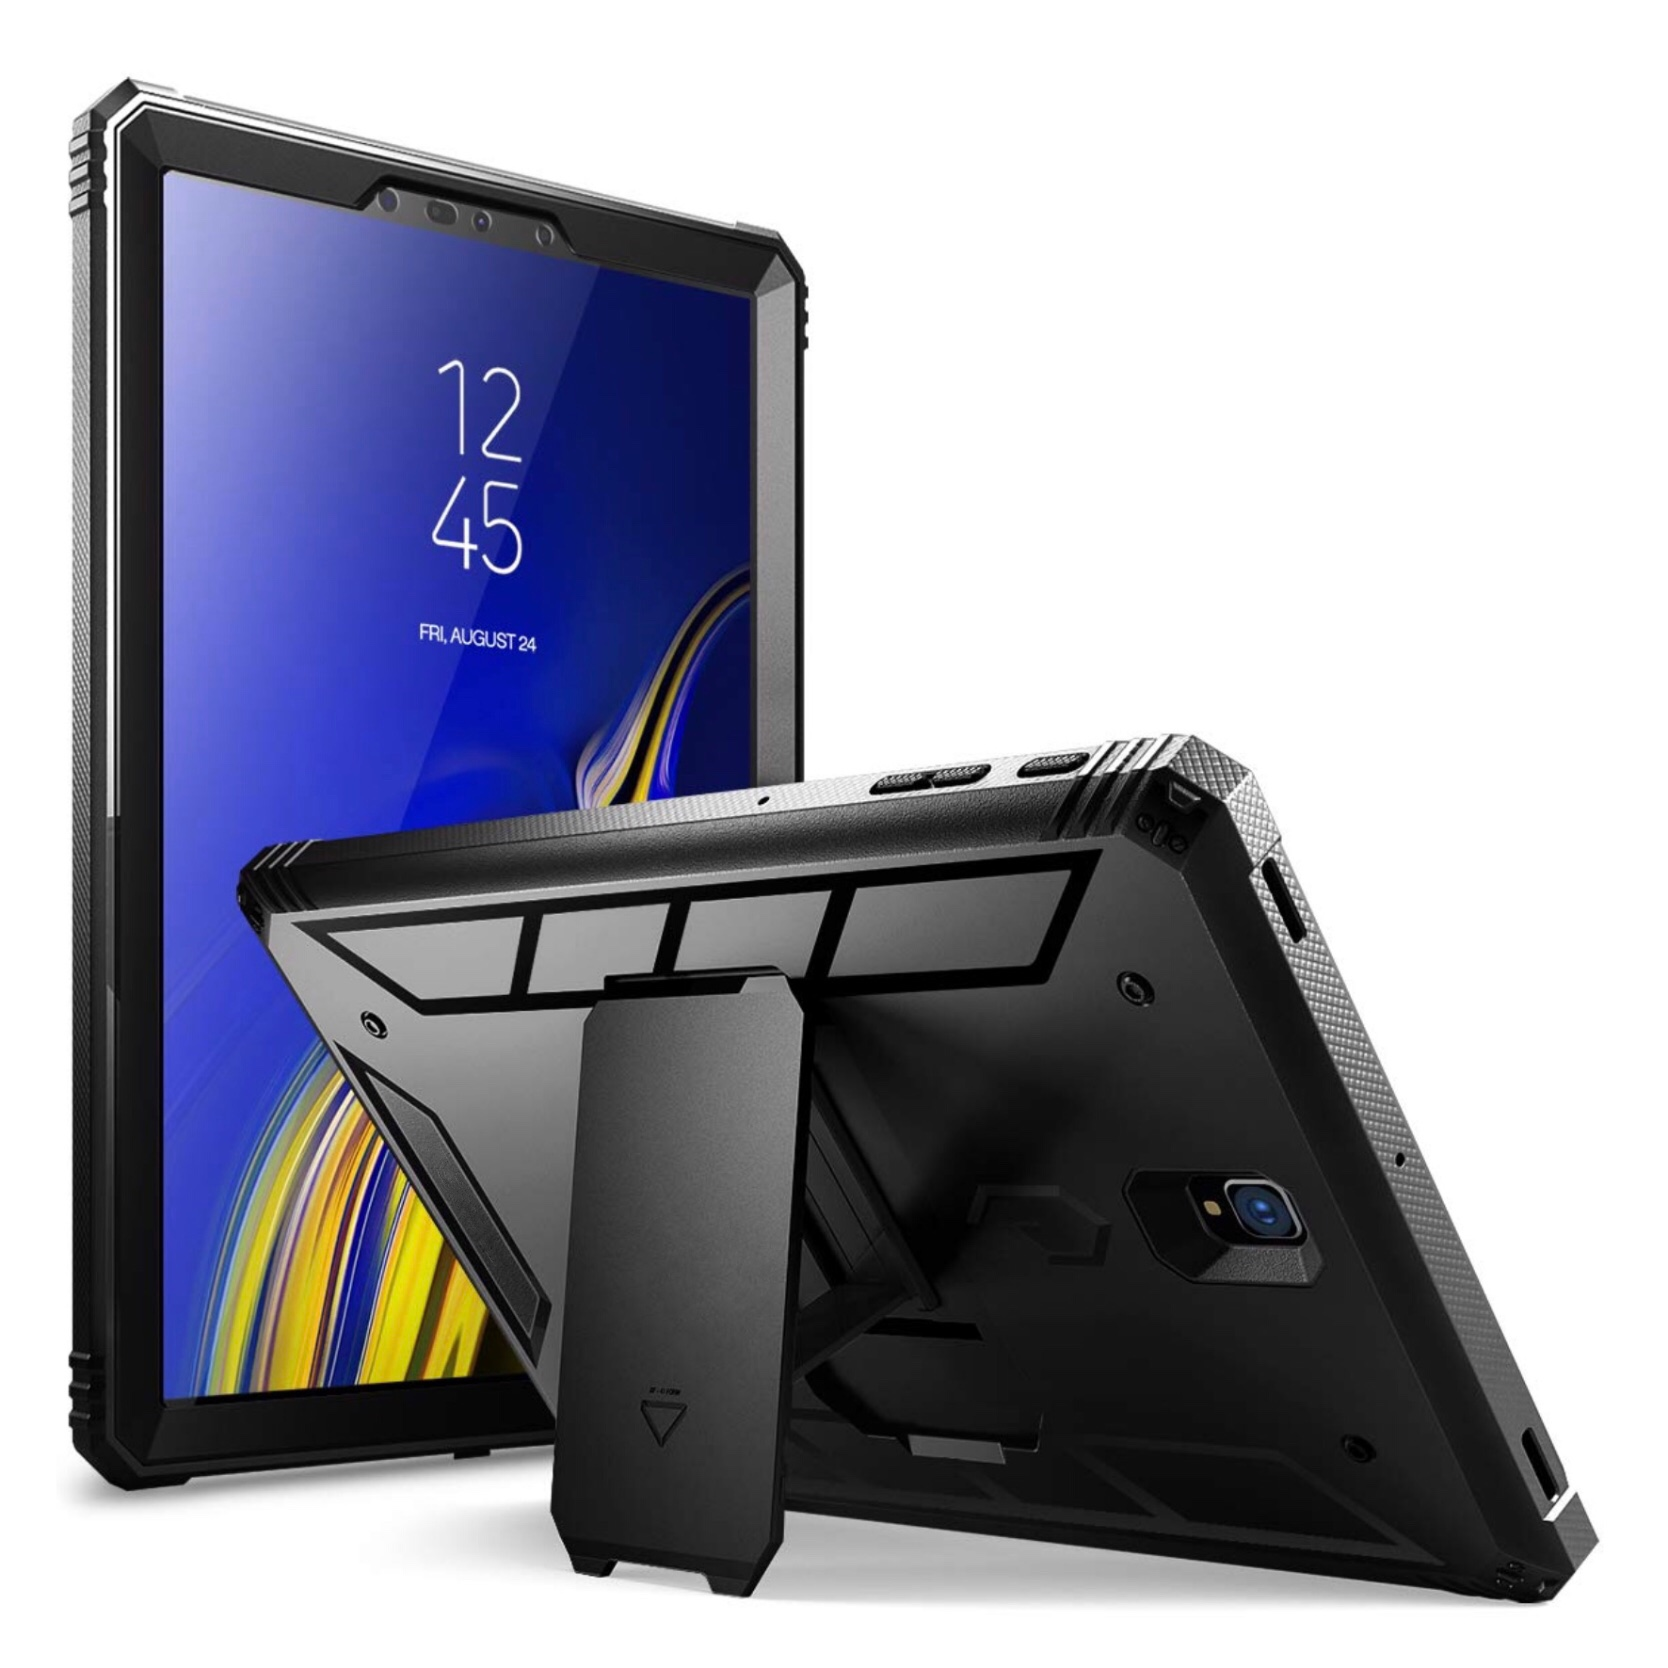 Galaxy TAB S4 10.5 pouces Coque de protection et film rigide ecran Footer